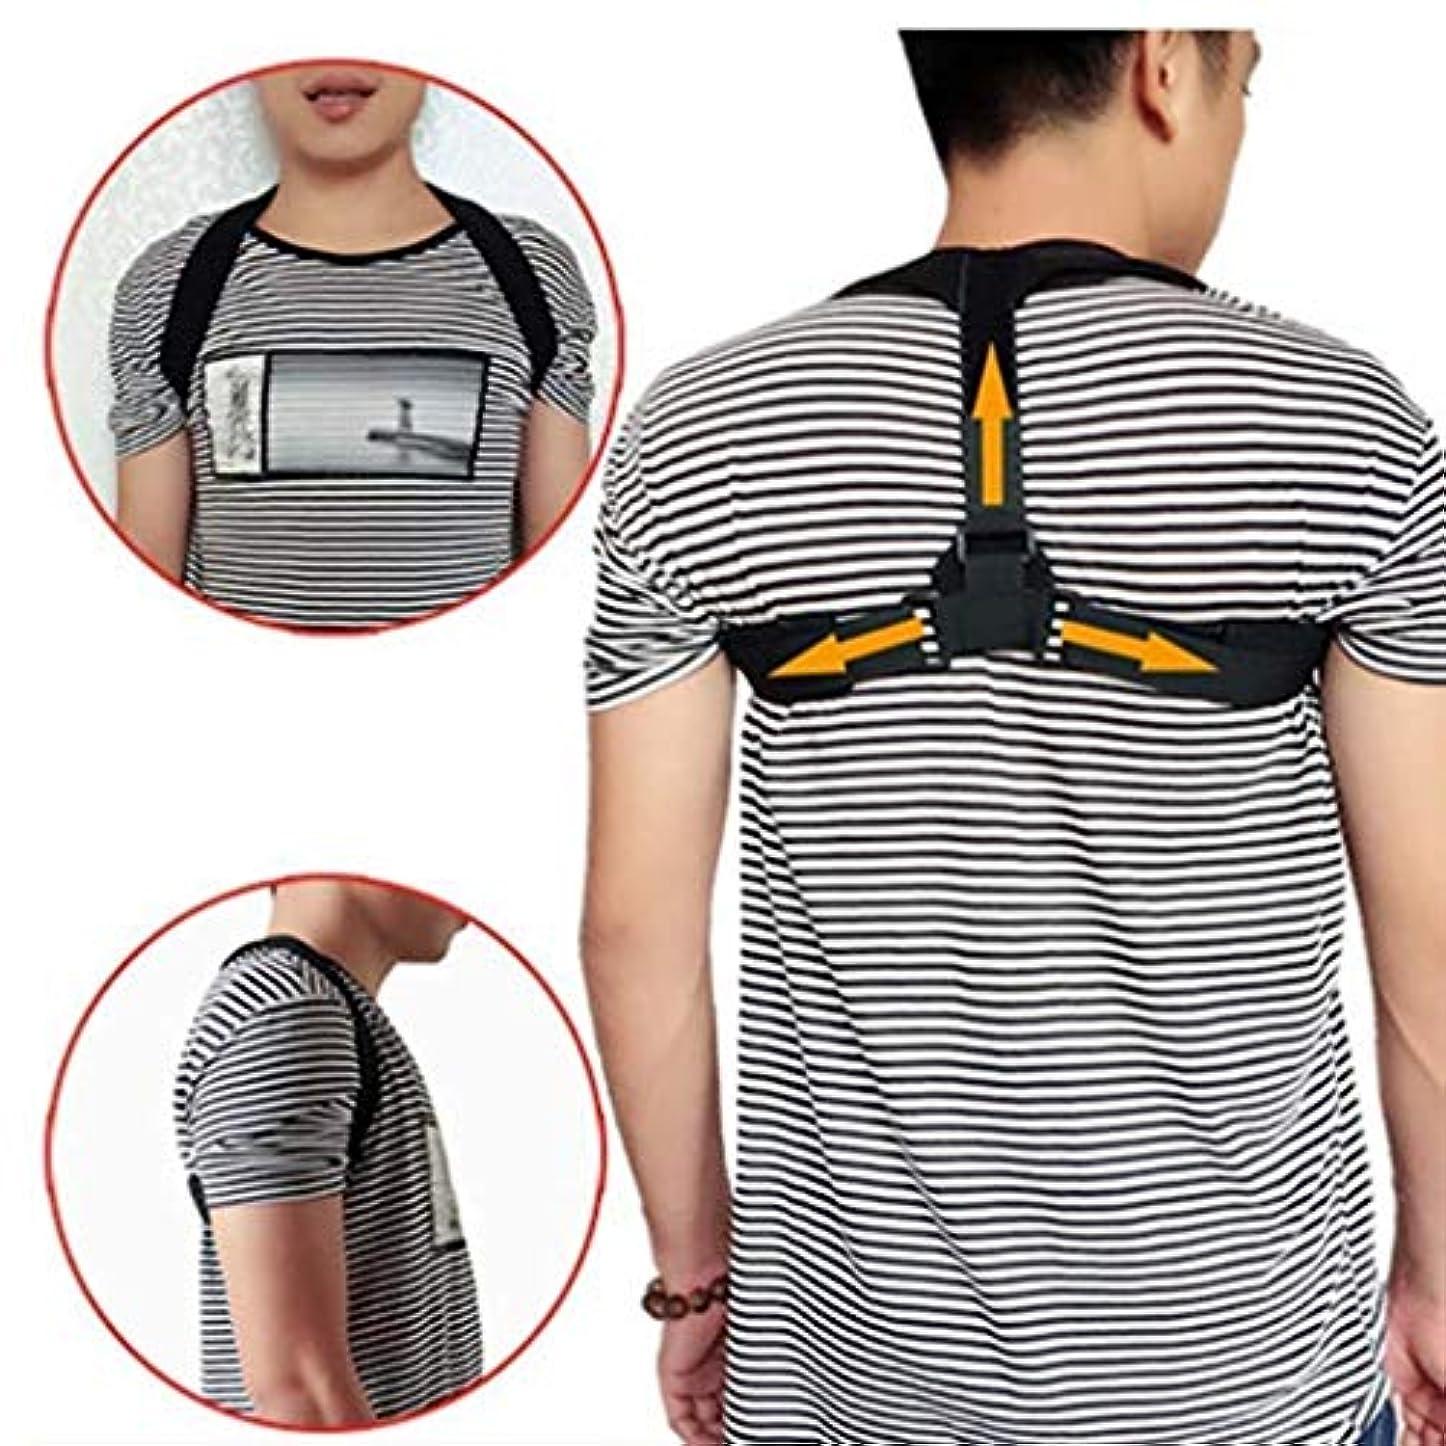 ピンクピンポイント義務付けられた背中矯正ベルト、背中の姿勢ブレース、背中の曲がりの防止、筋肉の弛緩、姿勢の改善、ユニセックス